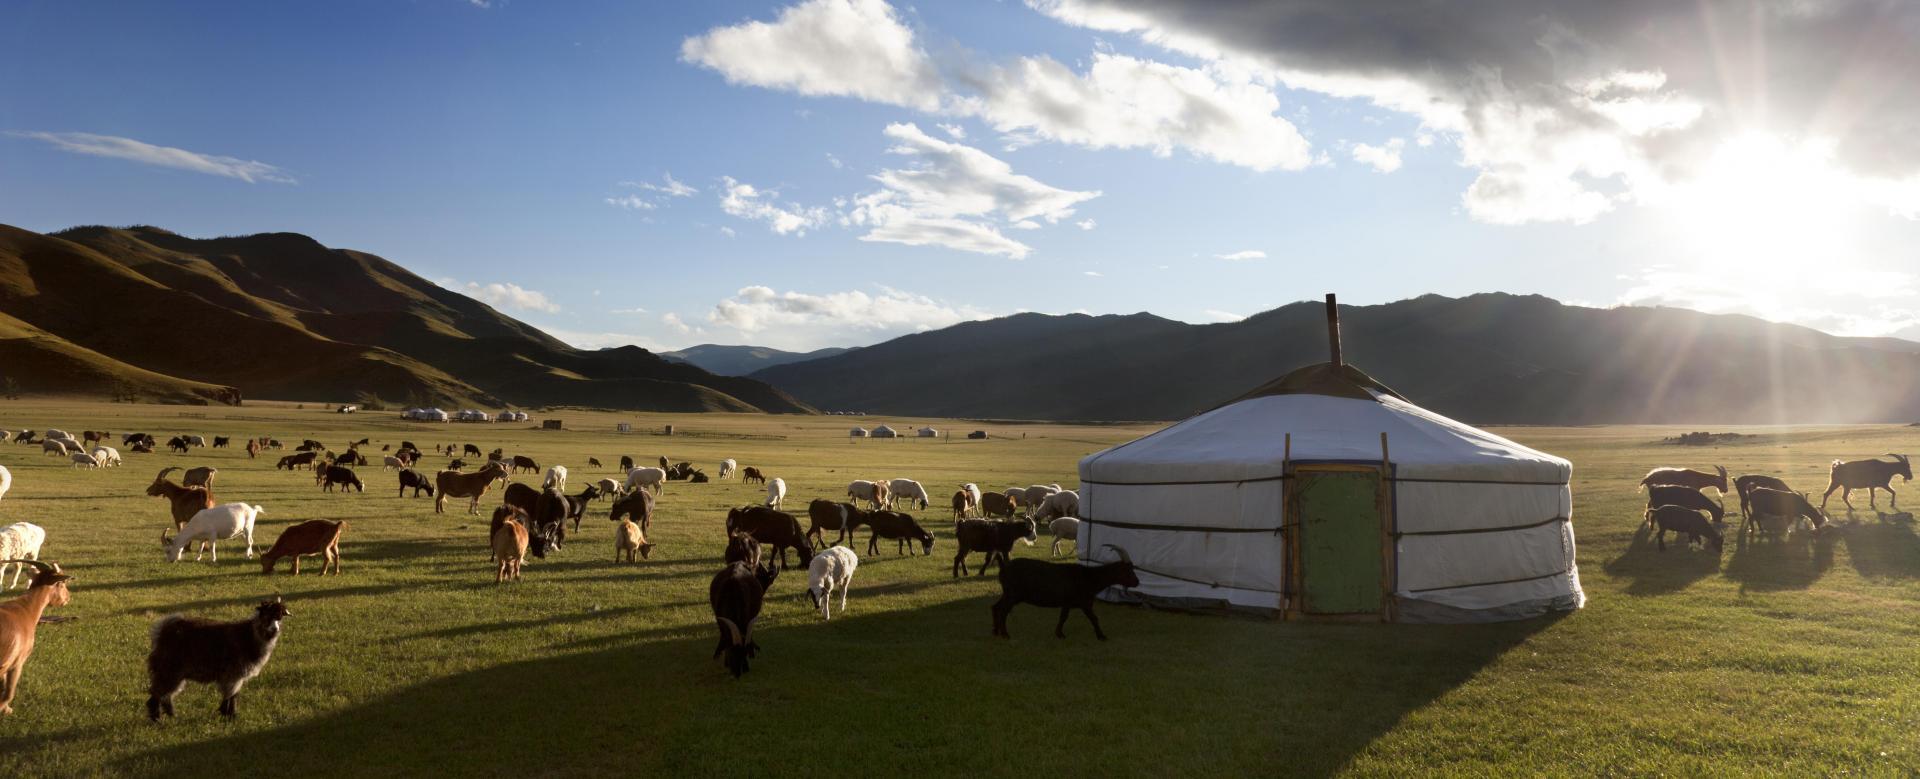 Voyage à pied Mongolie : Trek de l'arkhangai